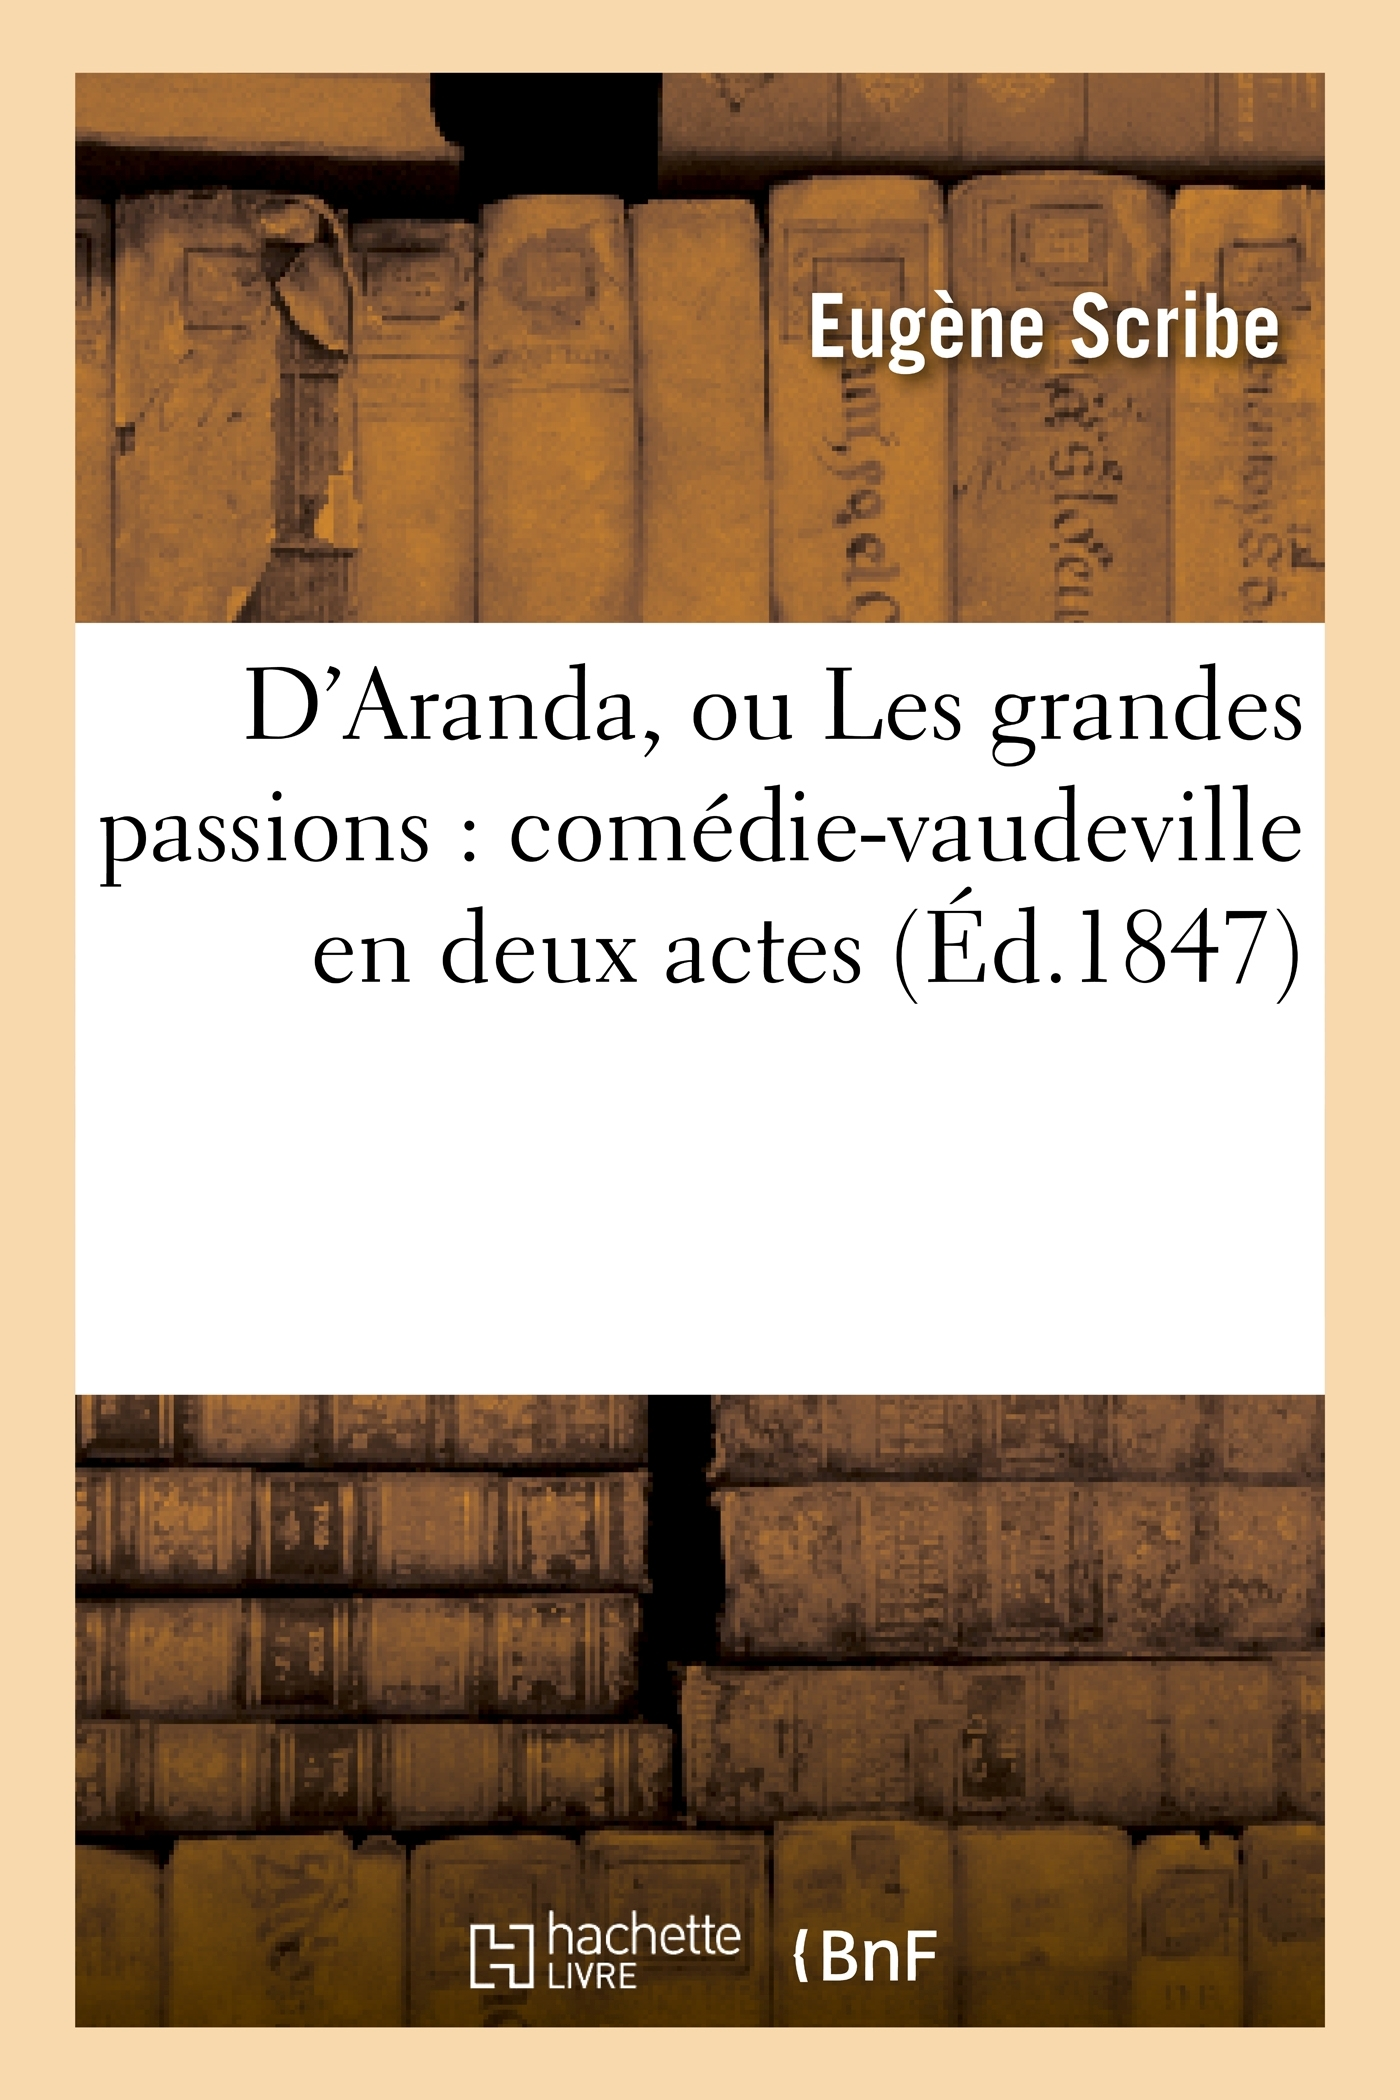 D'ARANDA, OU LES GRANDES PASSIONS : COMEDIE-VAUDEVILLE EN DEUX ACTES